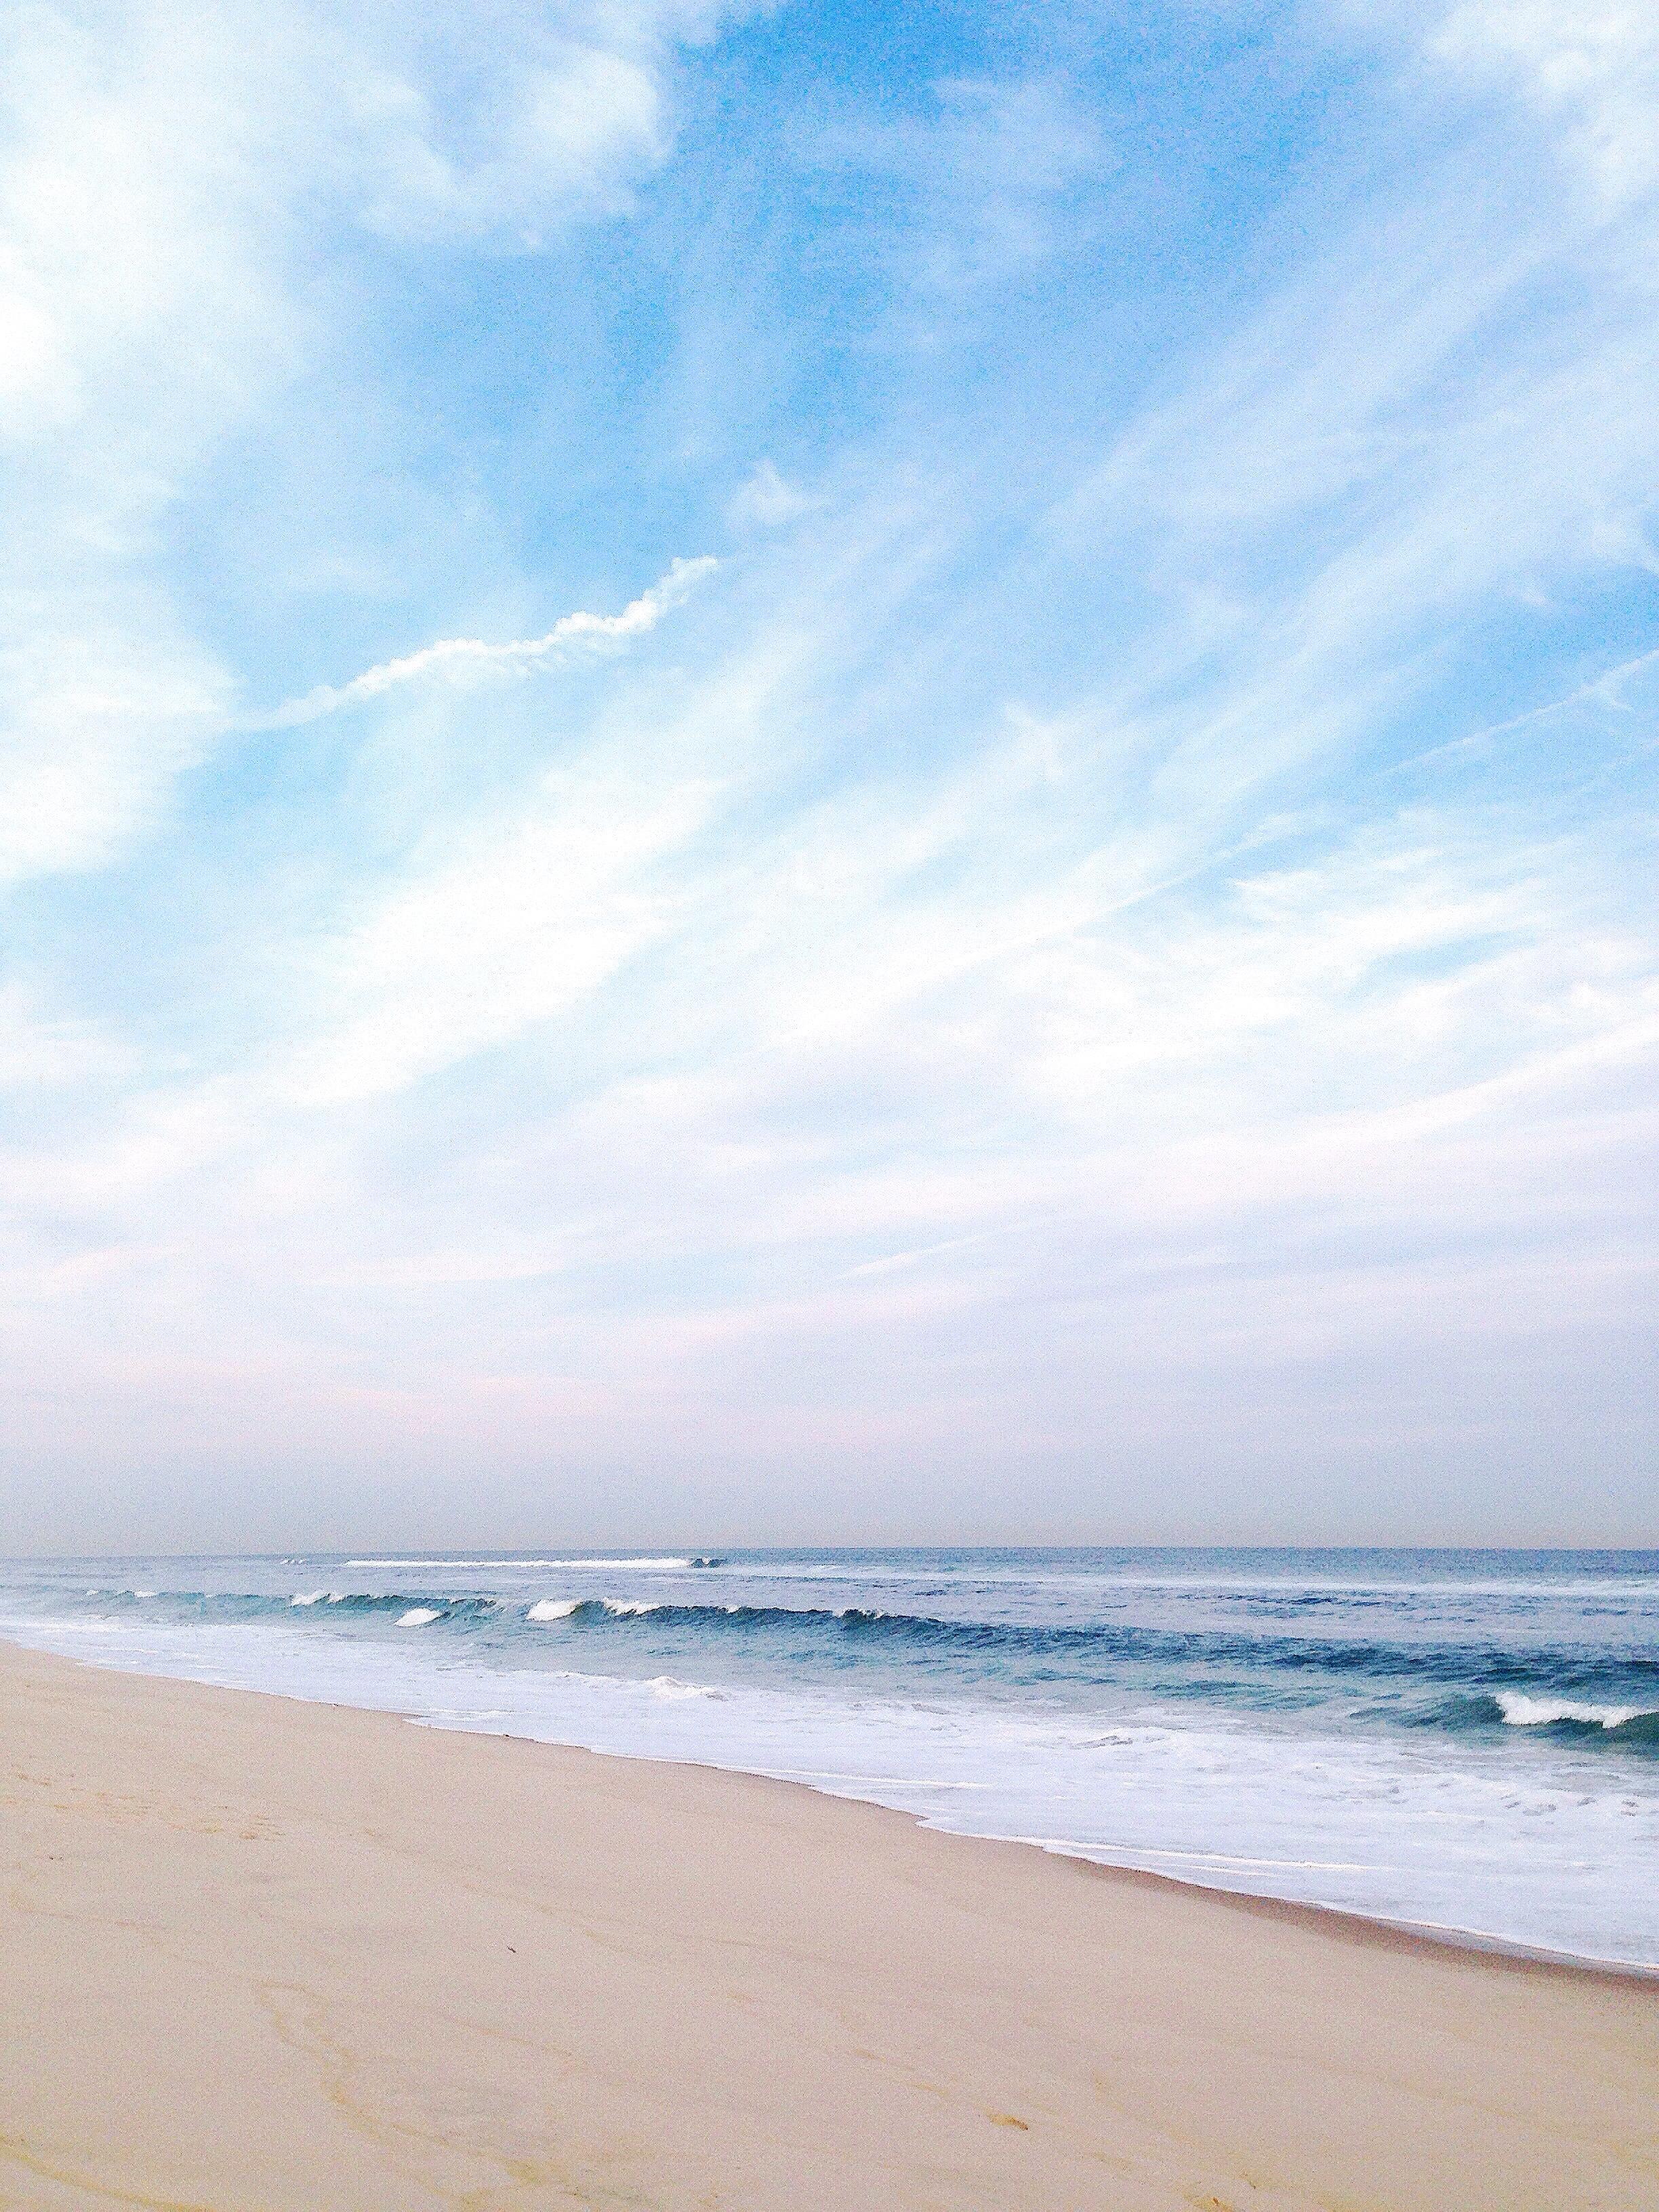 Smith Point Beach Long Island